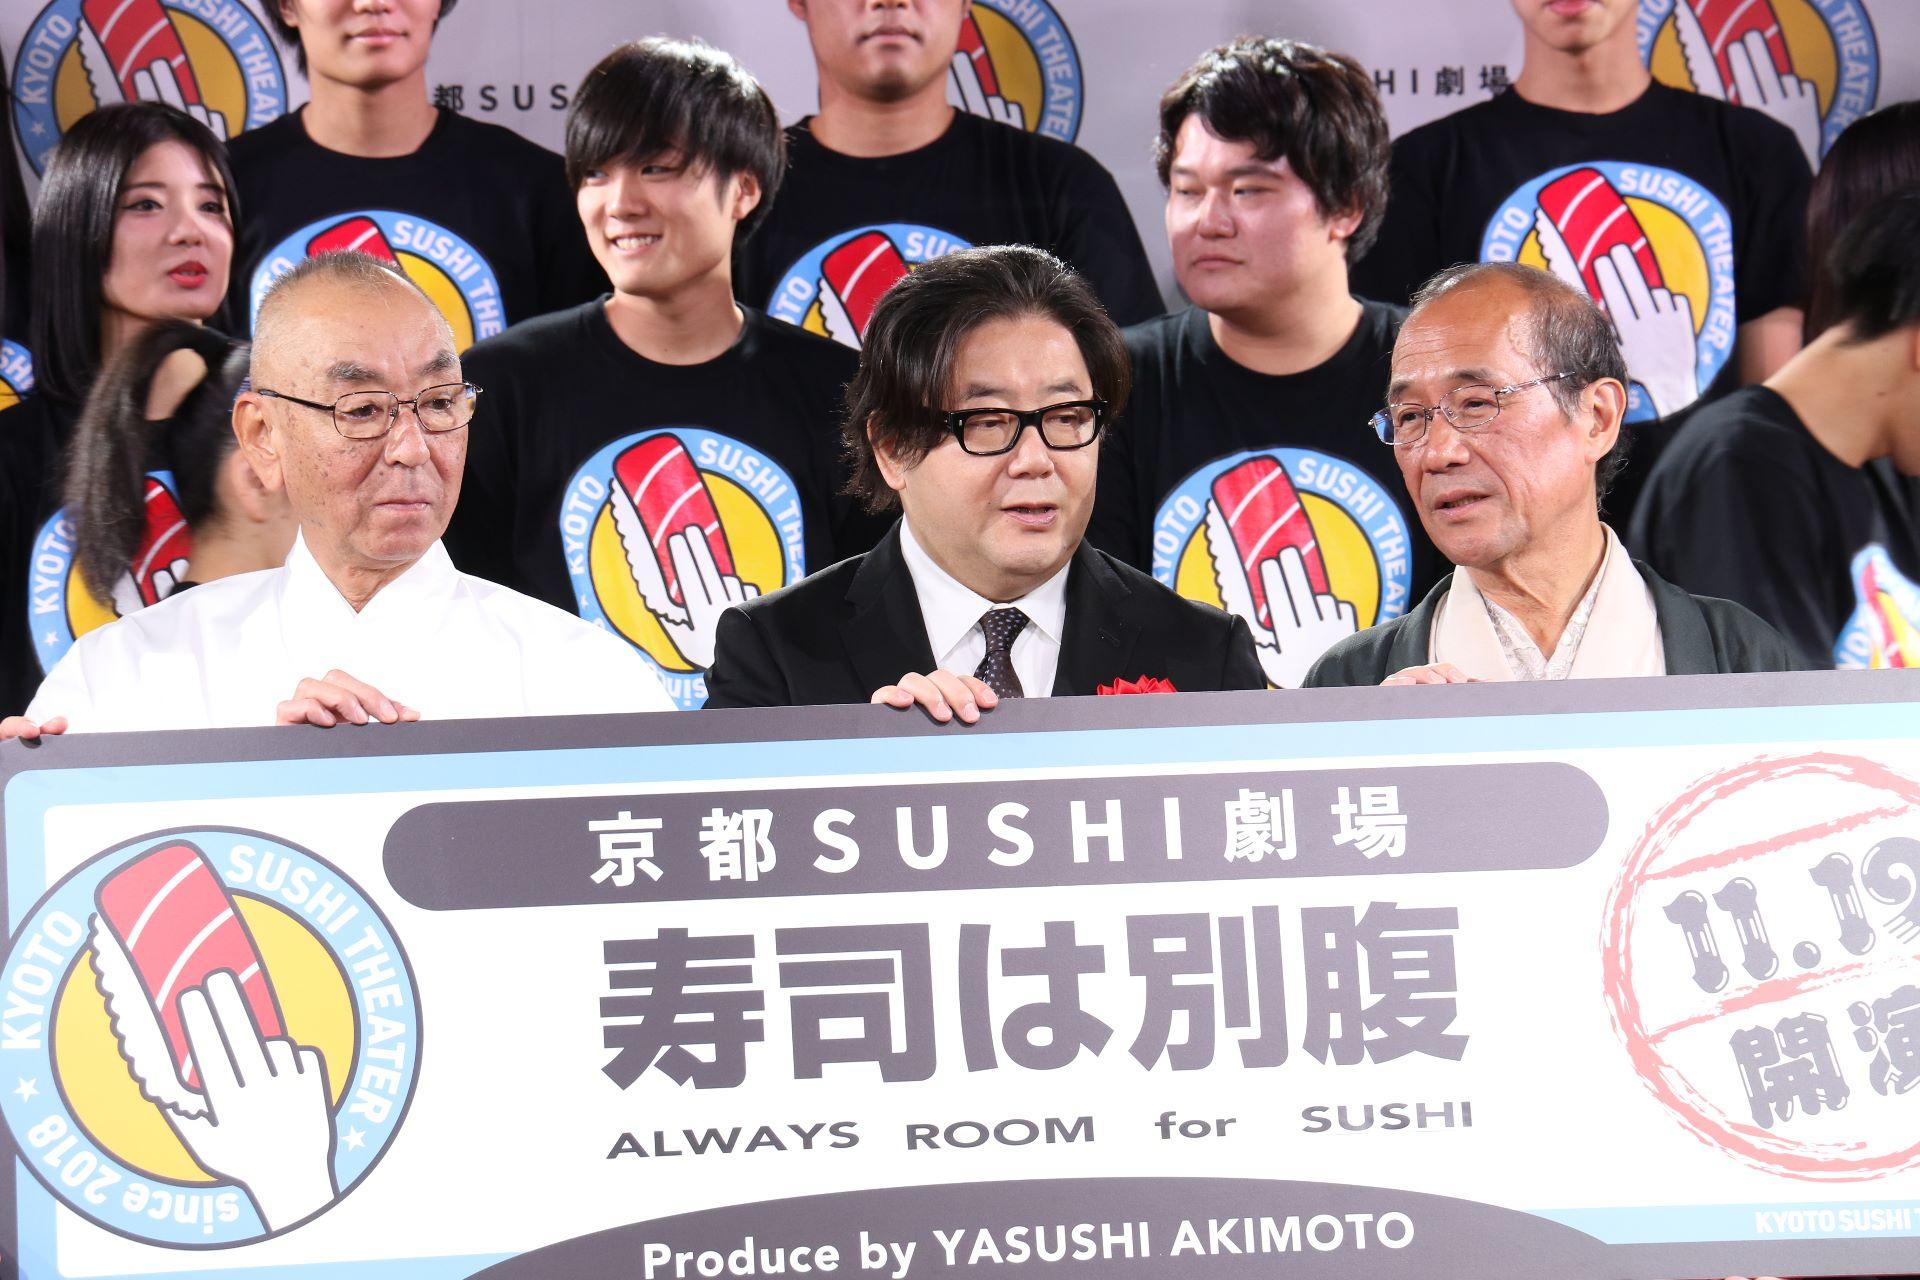 【悲報】秋元康プロデュース「京都SUSHI劇場」閑古鳥で開業3ヶ月で閉鎖! オリンピックを想定した芸者や忍者が踊るハイセンス舞台なのに何故